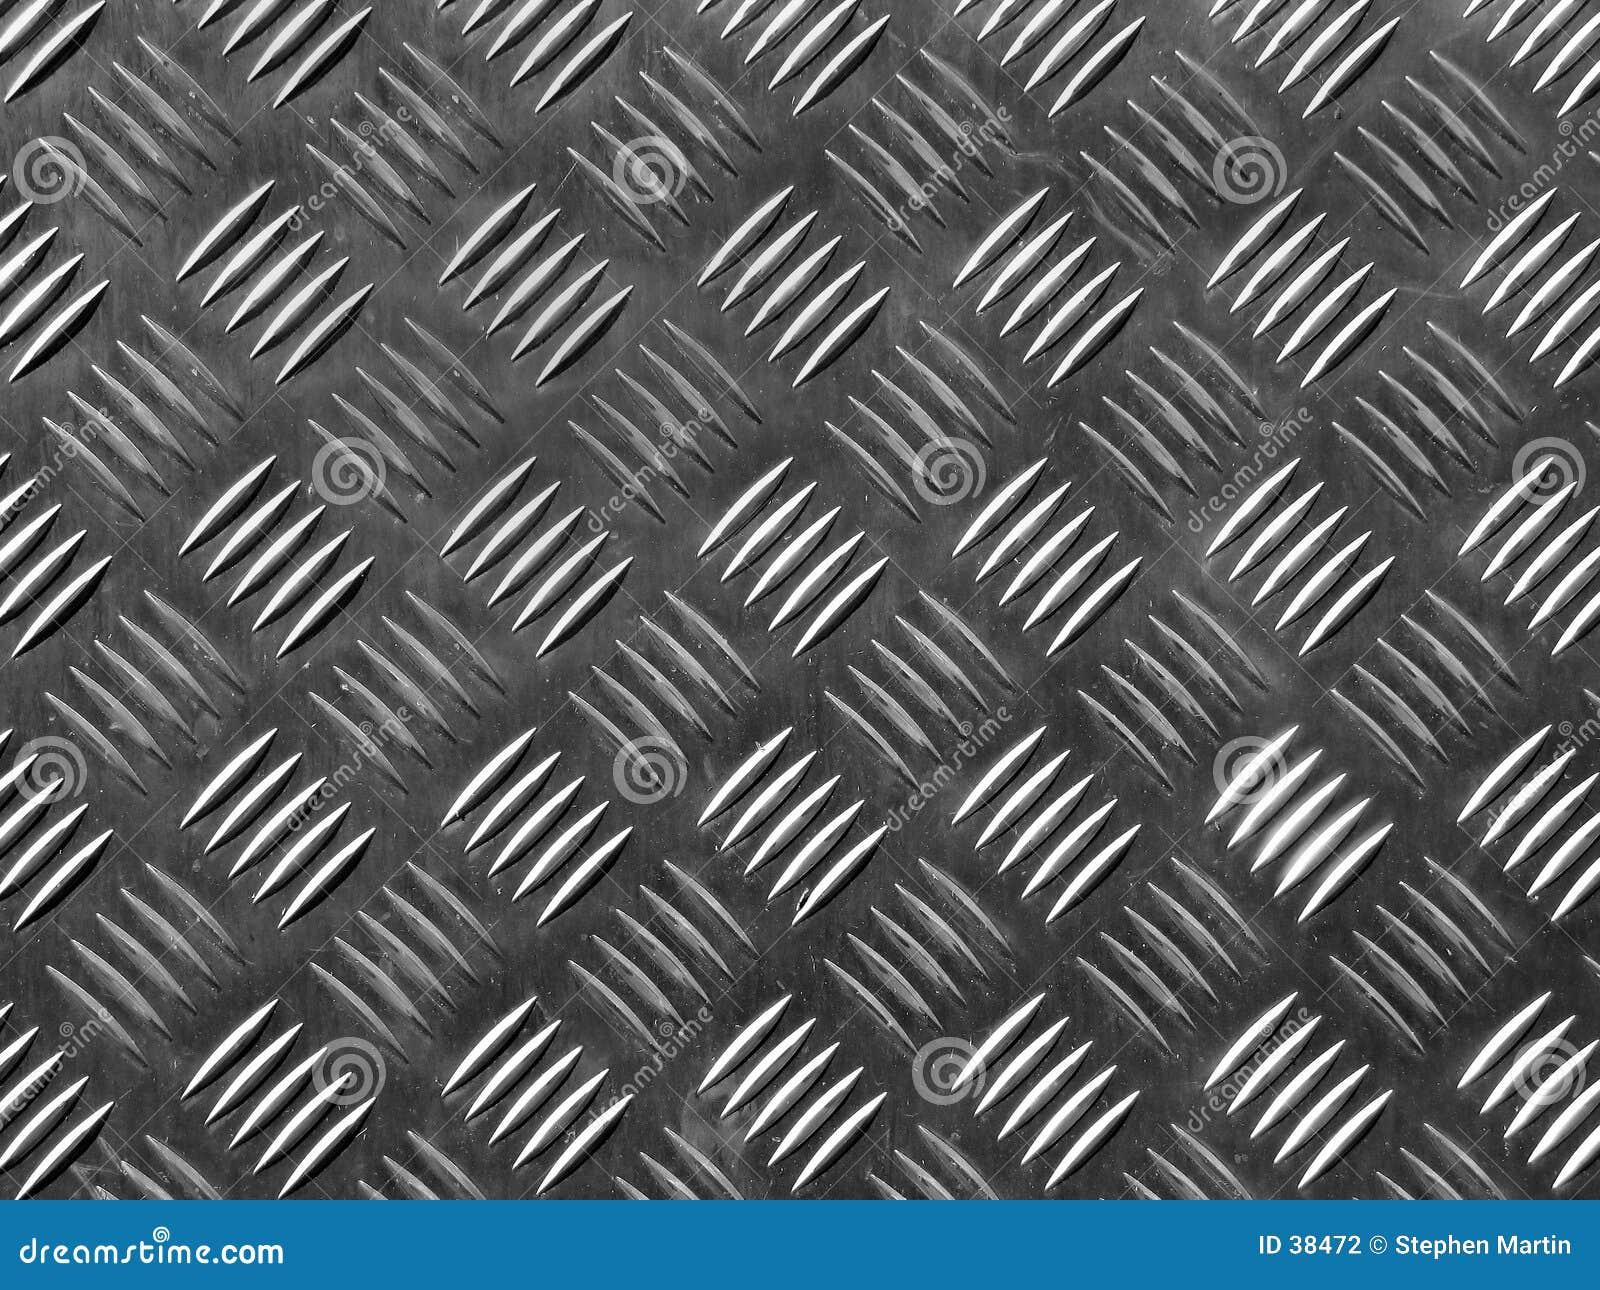 Download Suelo del metal foto de archivo. Imagen de fondo, textura - 38472